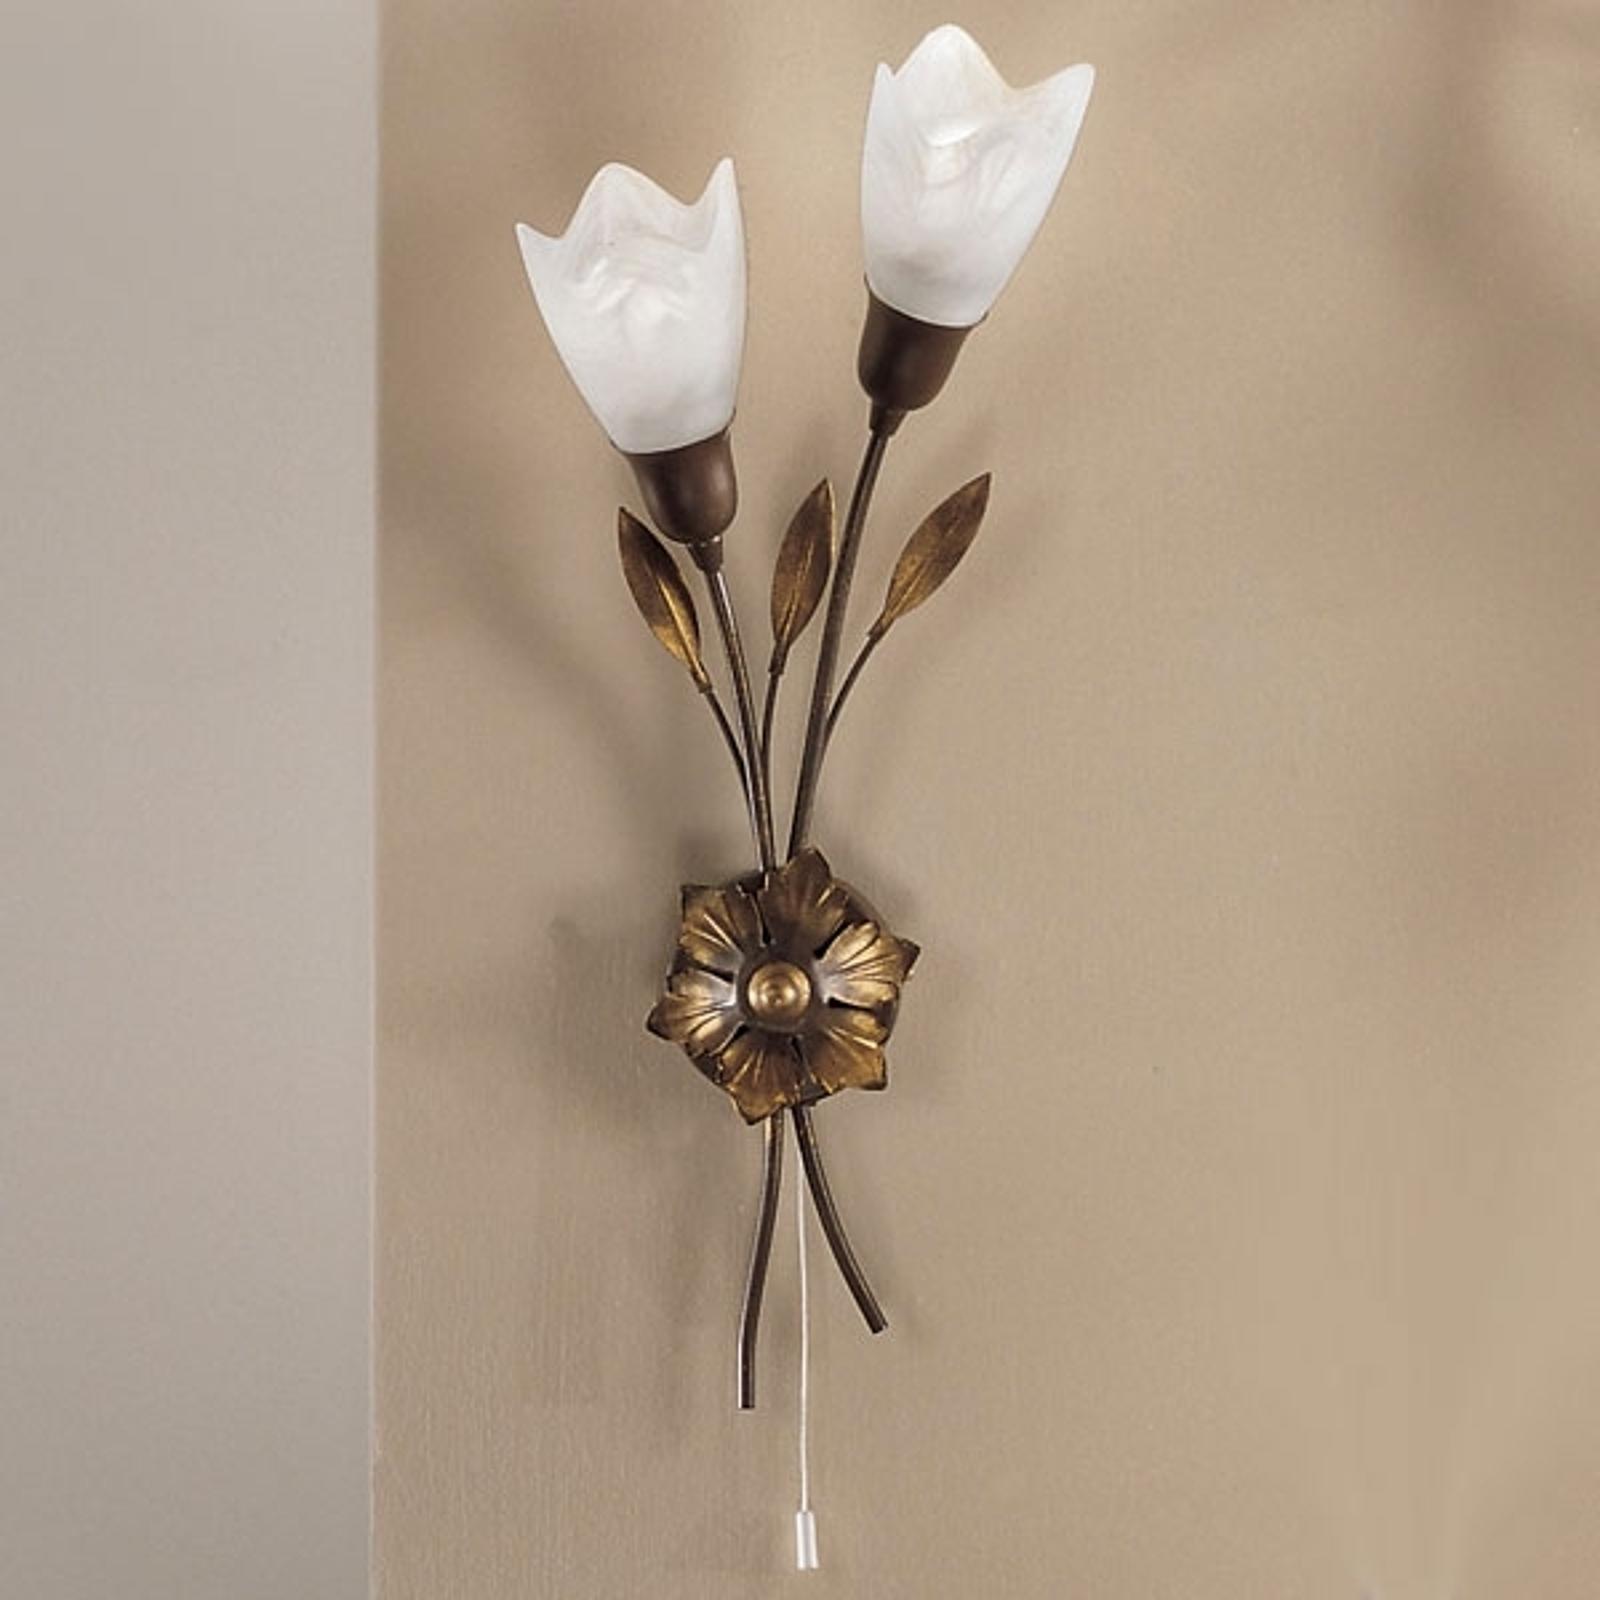 Wandlamp CAMPANA lange bloem rechts